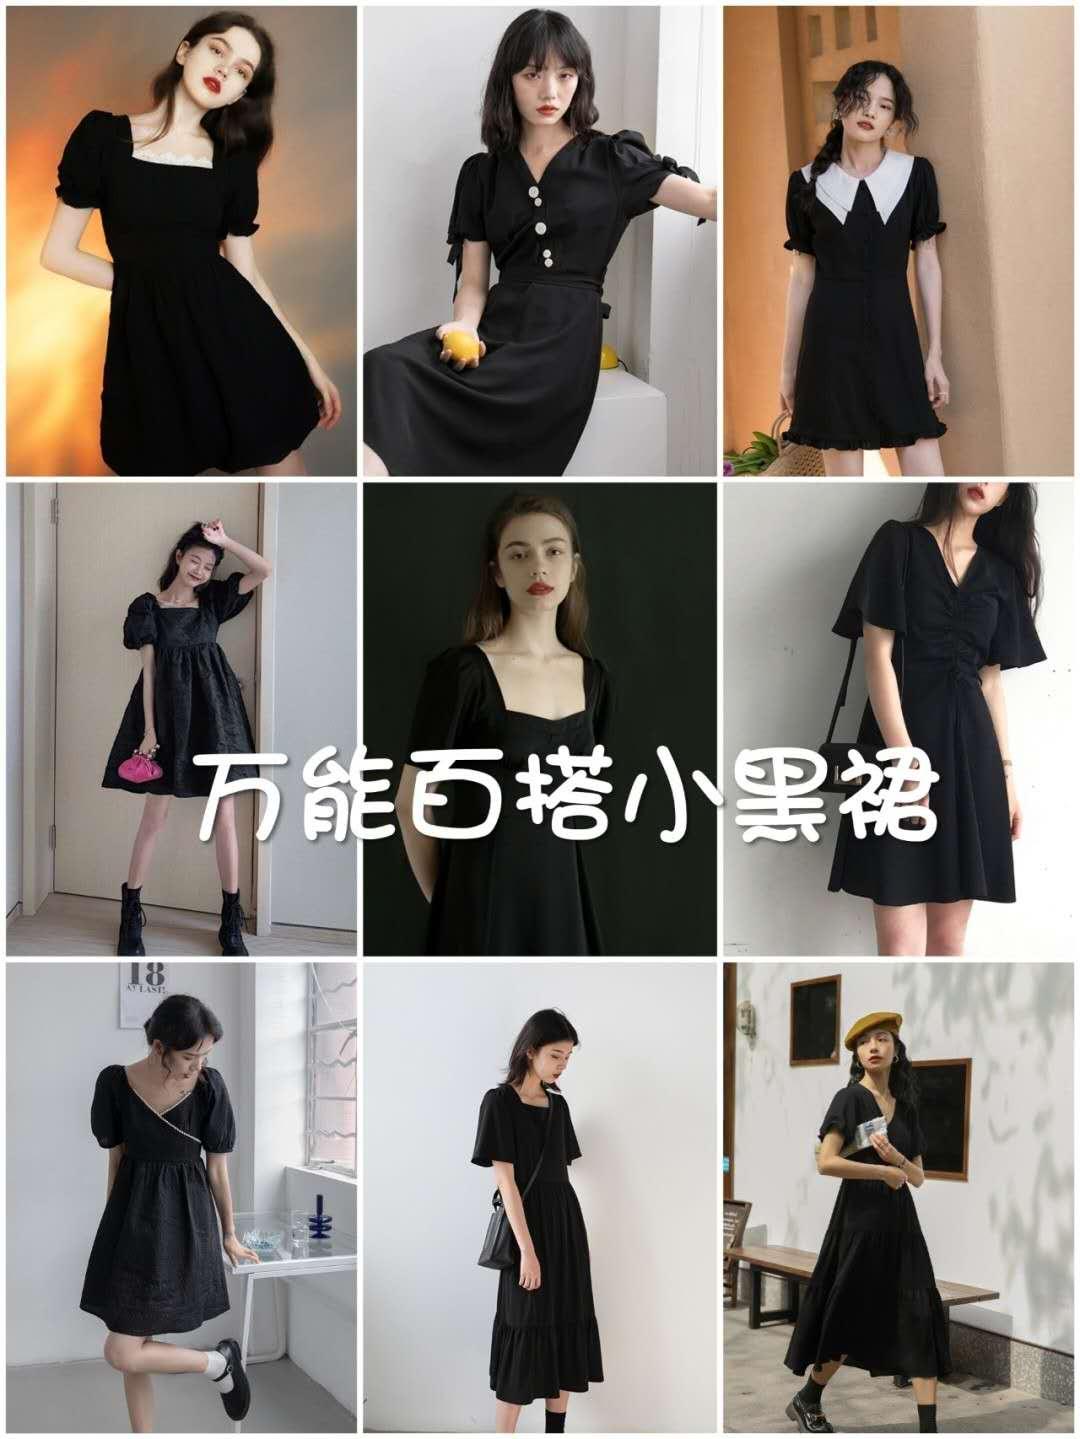 万能百搭小黑裙,满足所有审美